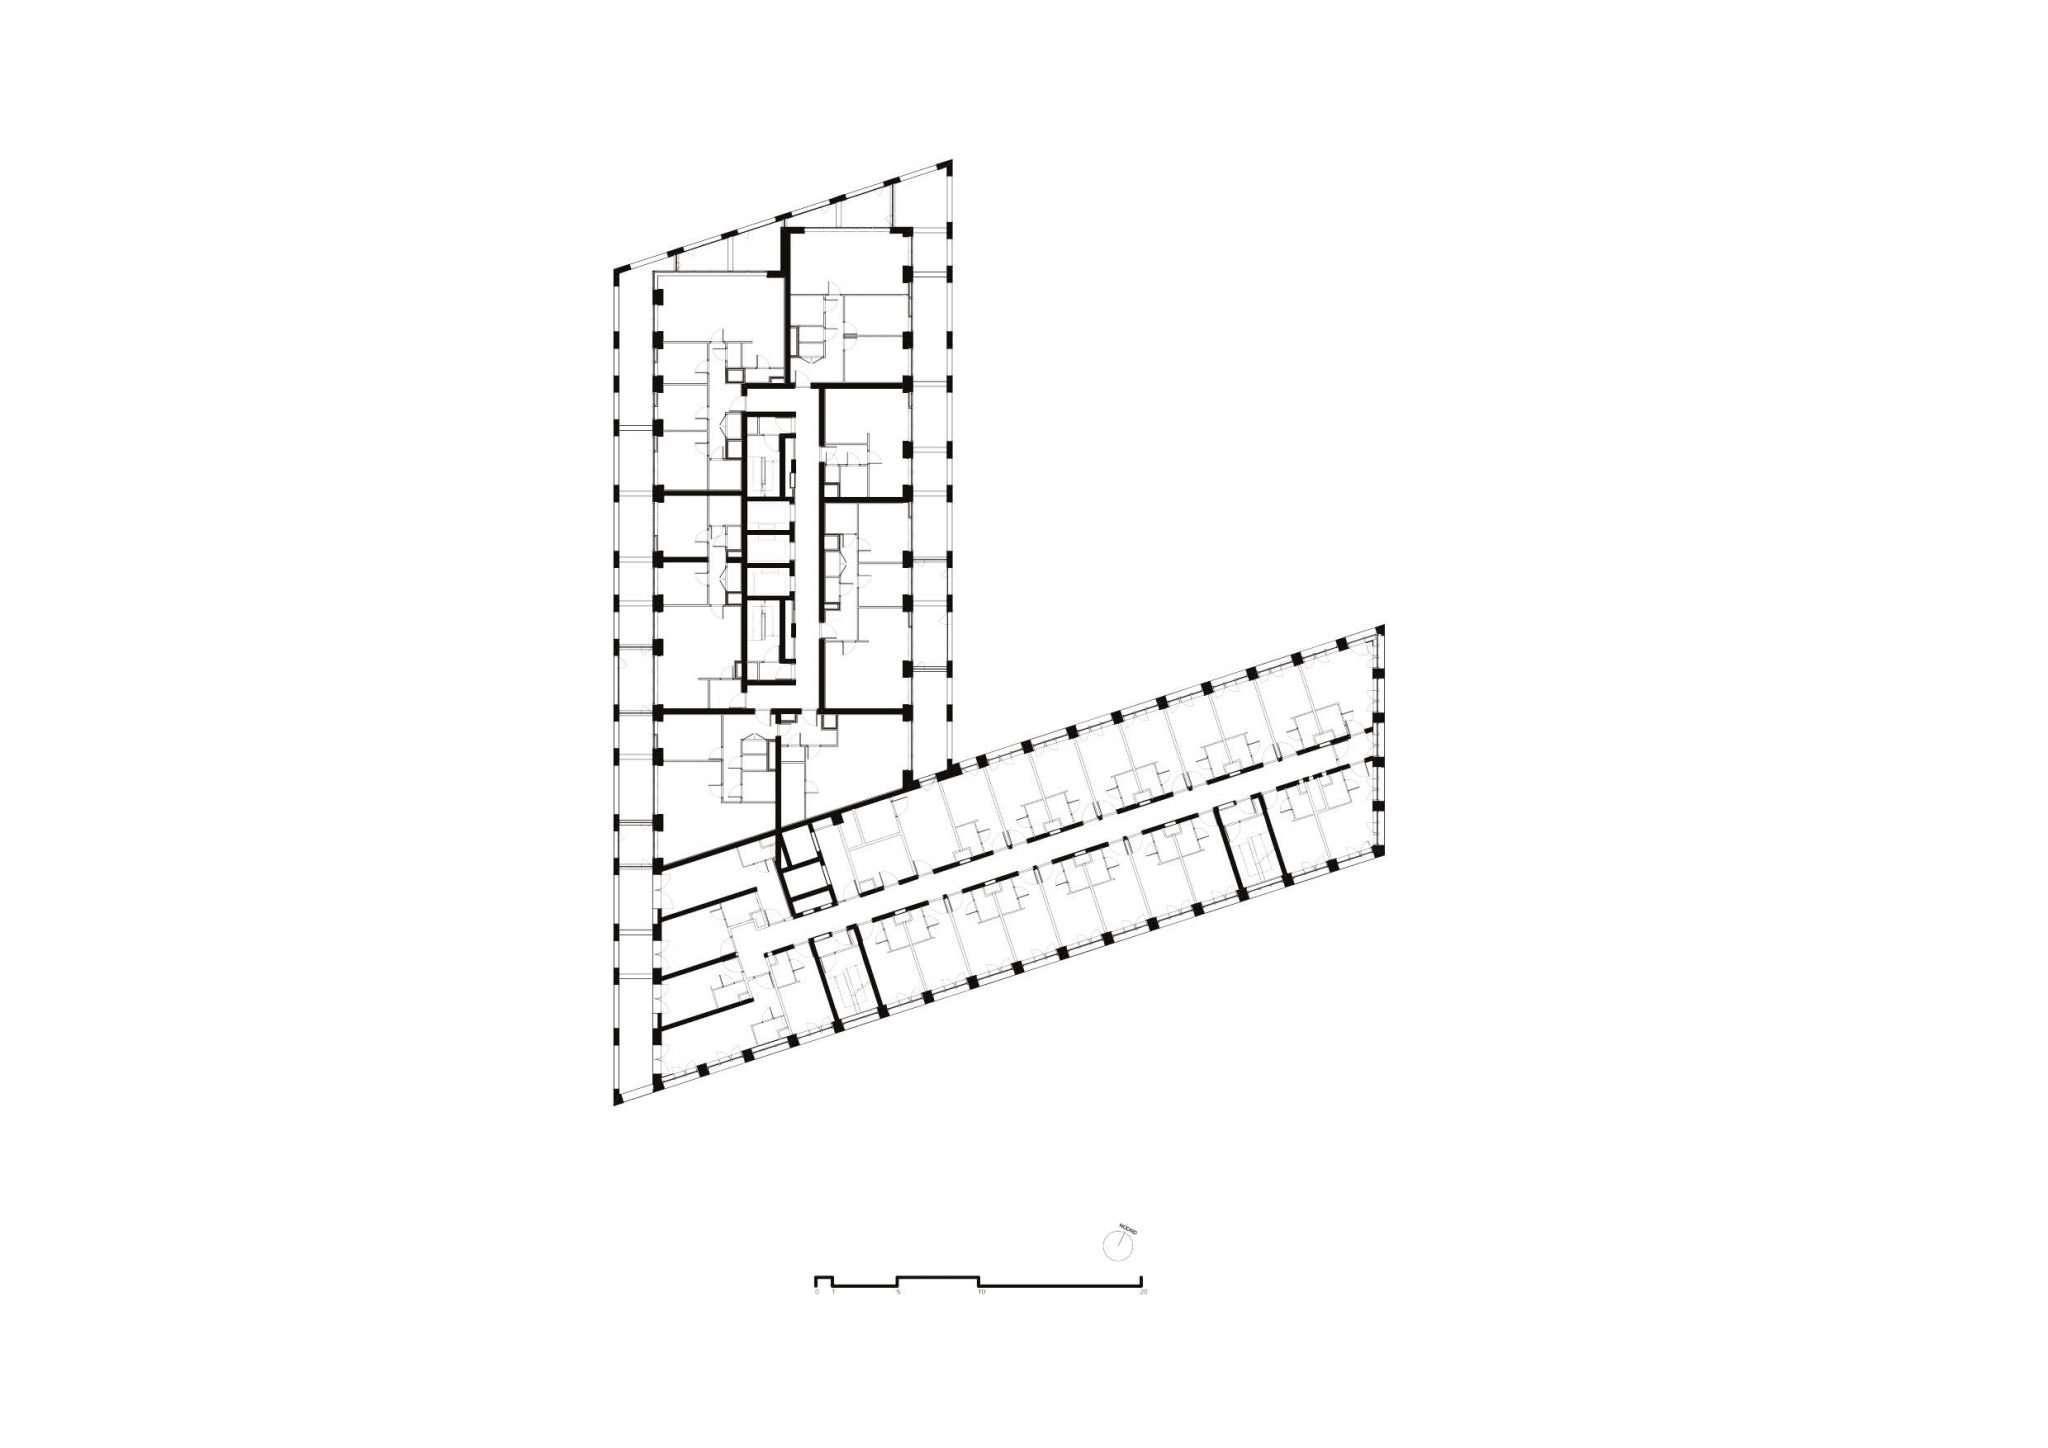 zuiderzicht antwerpen <span>2014, antwerpen nieuw zuid, wonen, appartementen</span>